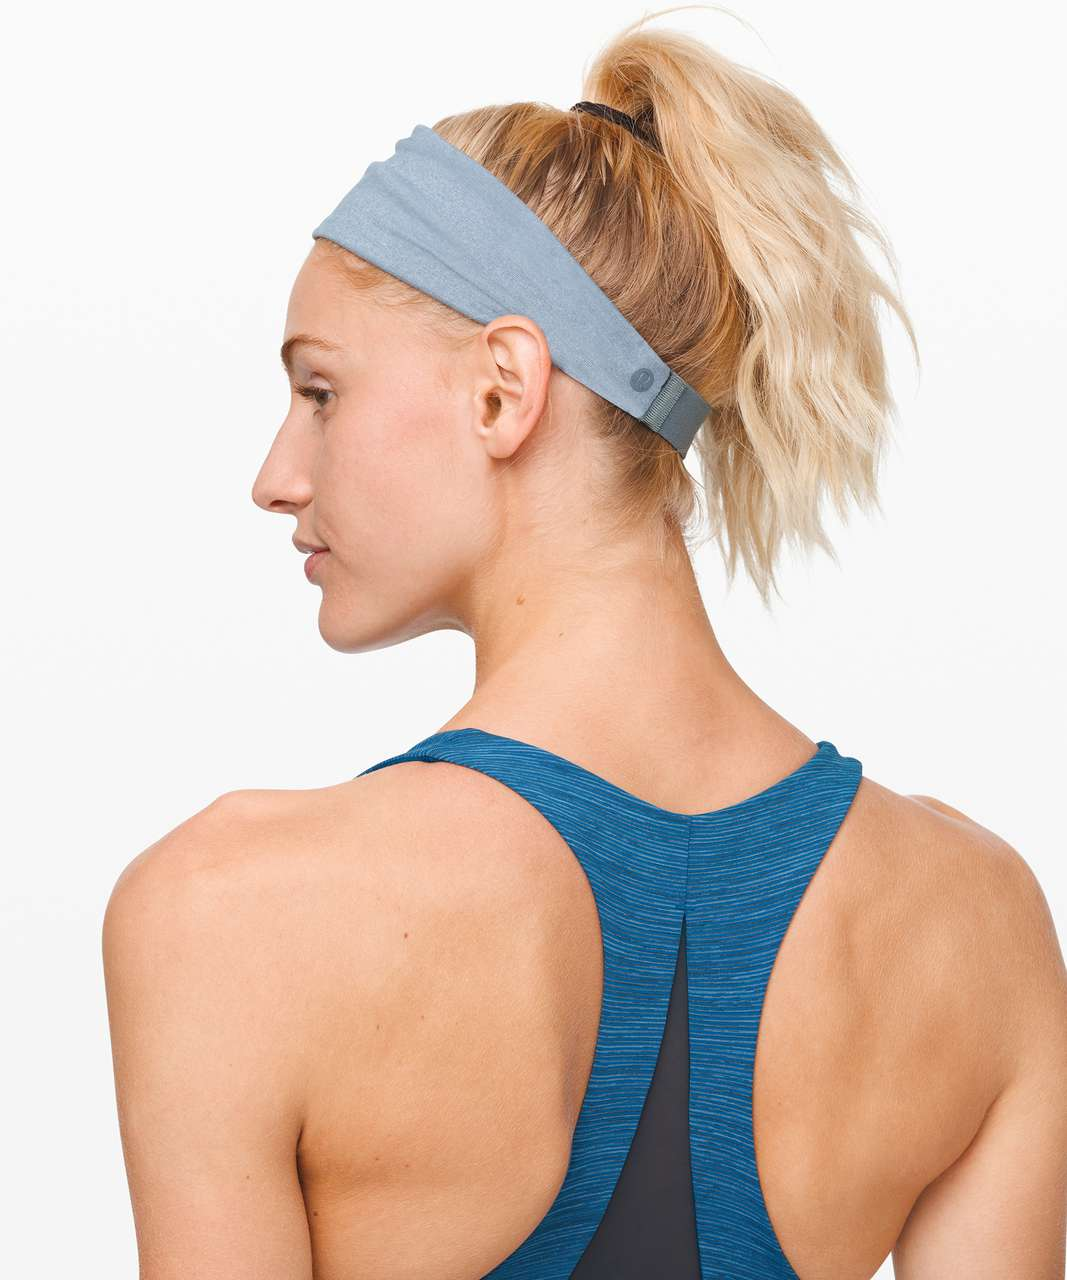 Lululemon Fringe Fighter Headband - Cosmic Shift Multi / Heathered Blue Charcoal